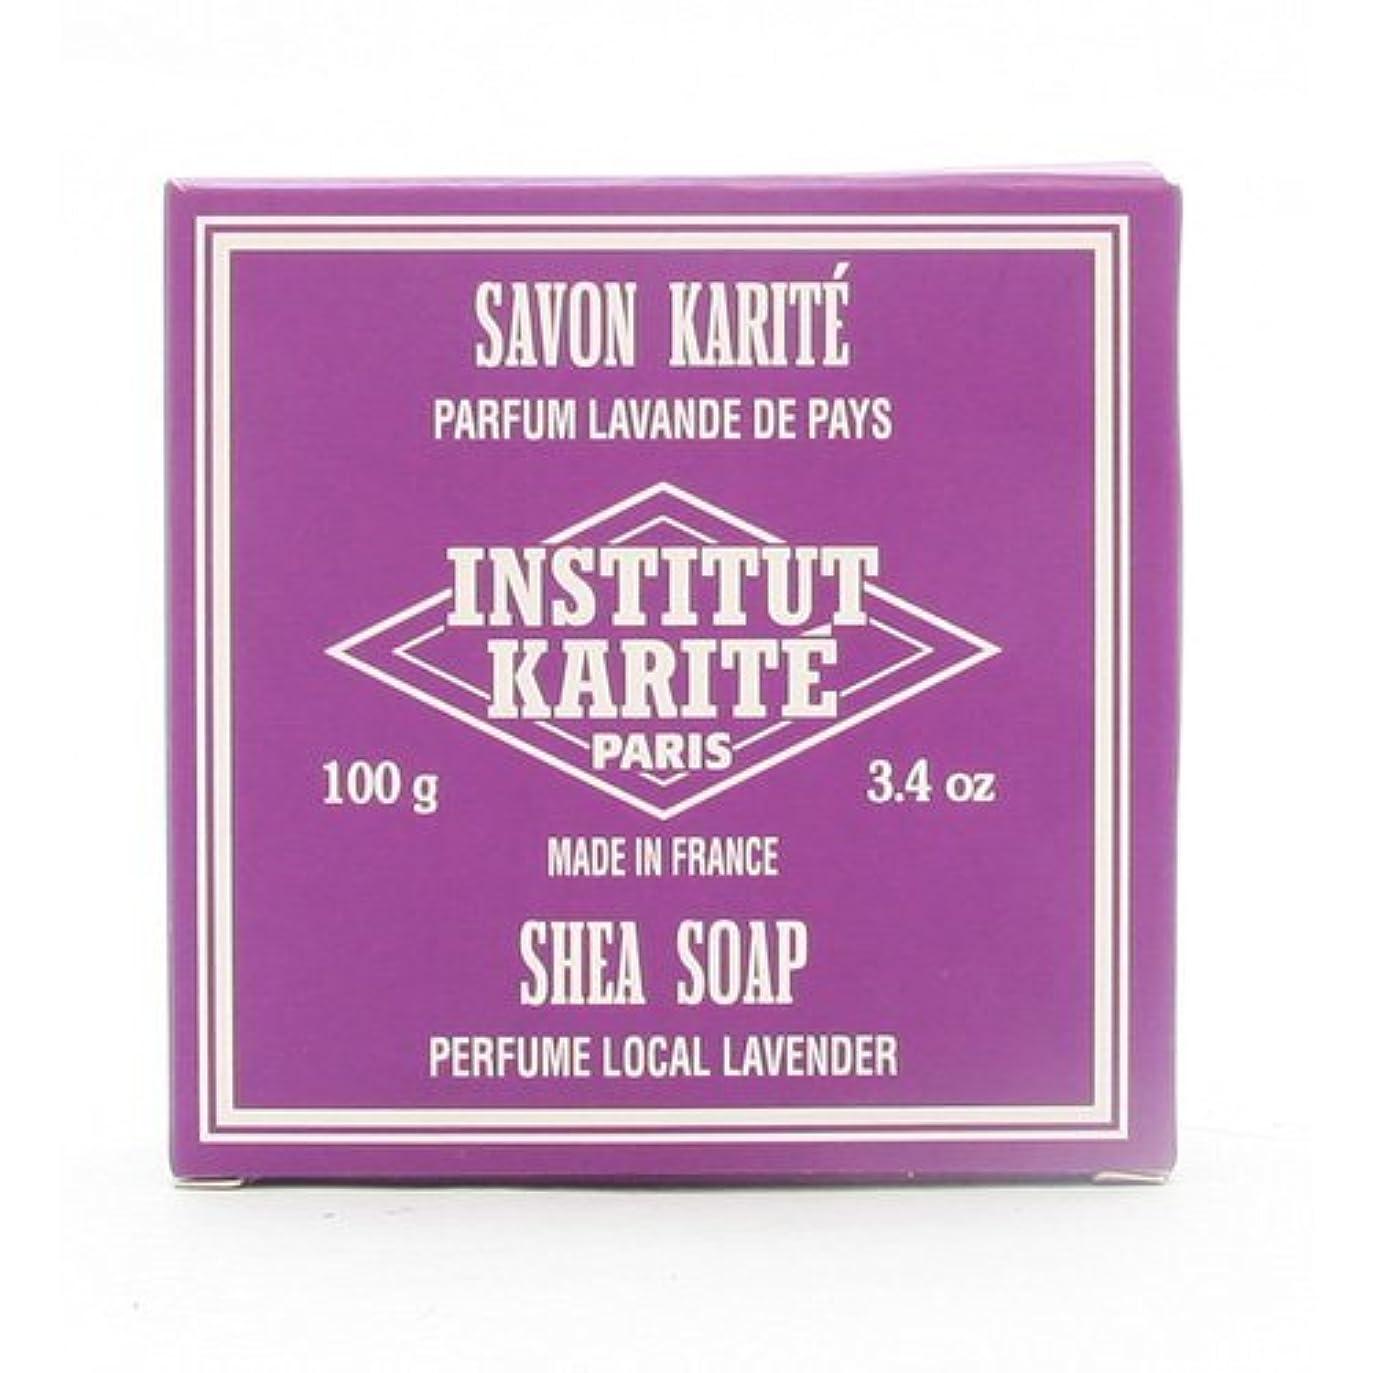 既にはしご暴動INSTITUT KARITE インスティテュート カリテ 25% Extra Gentle Soap ジェントルソープ 100g Local Lavender ローカルラベンダー